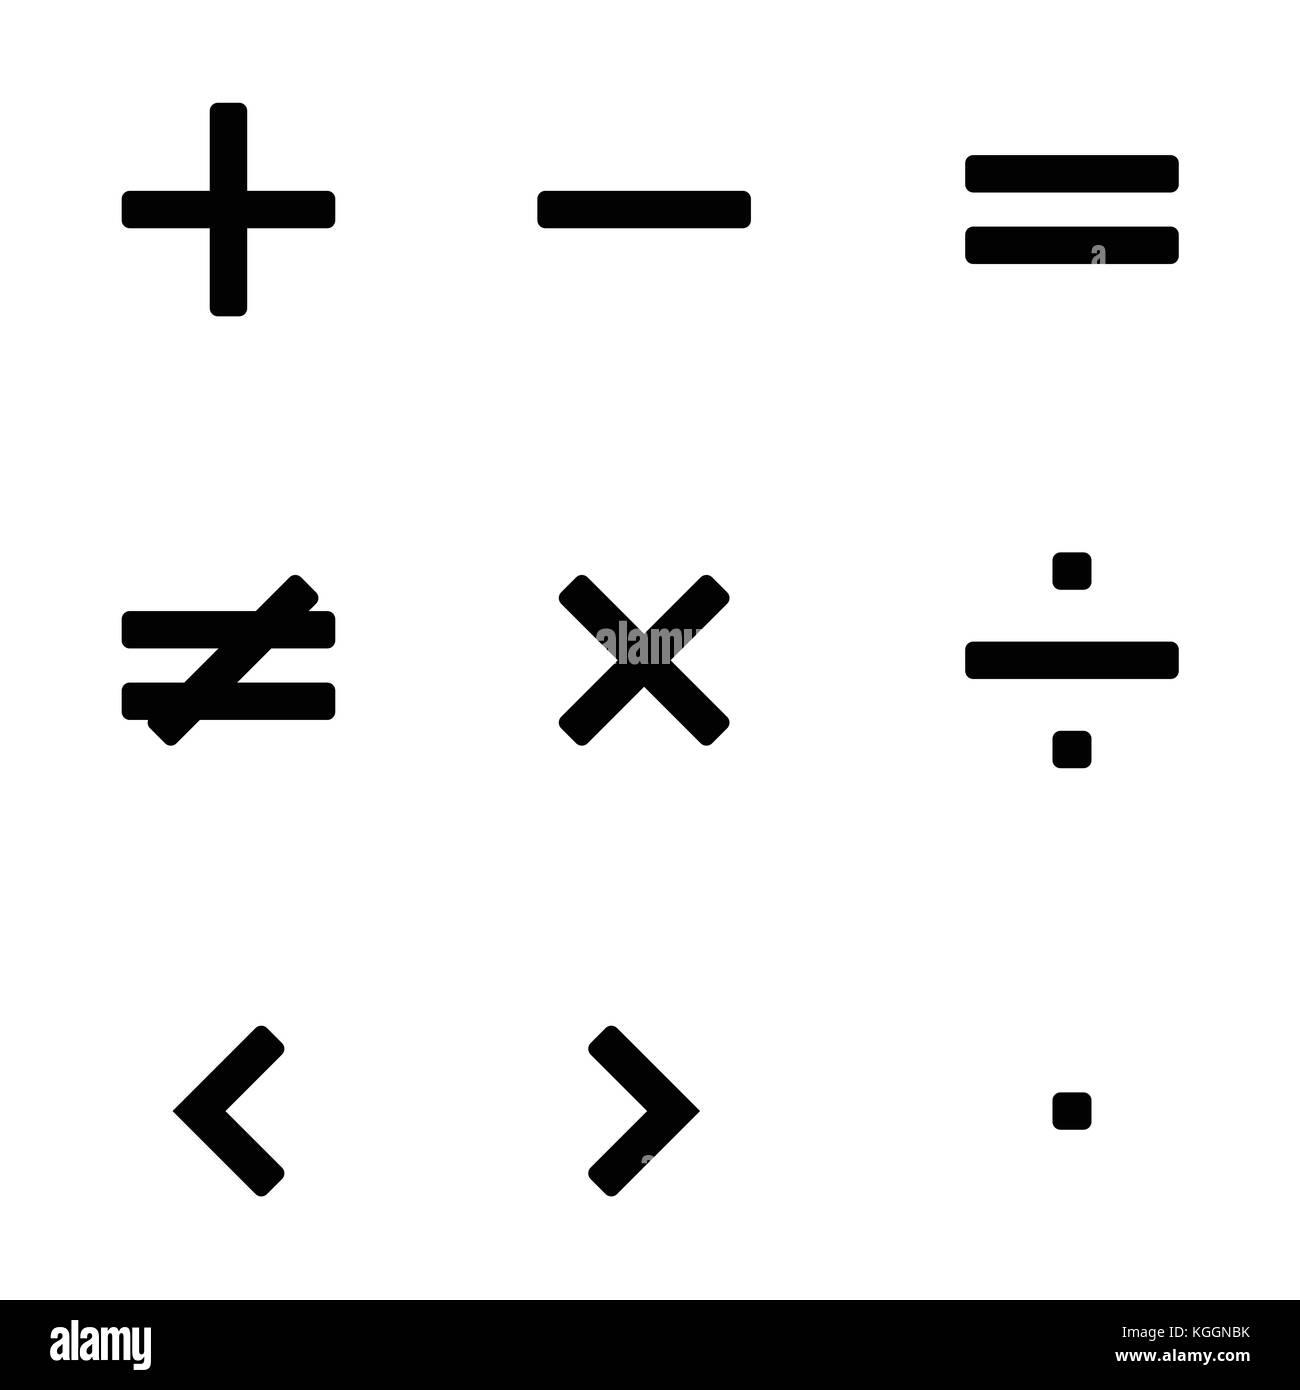 Знаки плюс минус равно больше картинки для печати